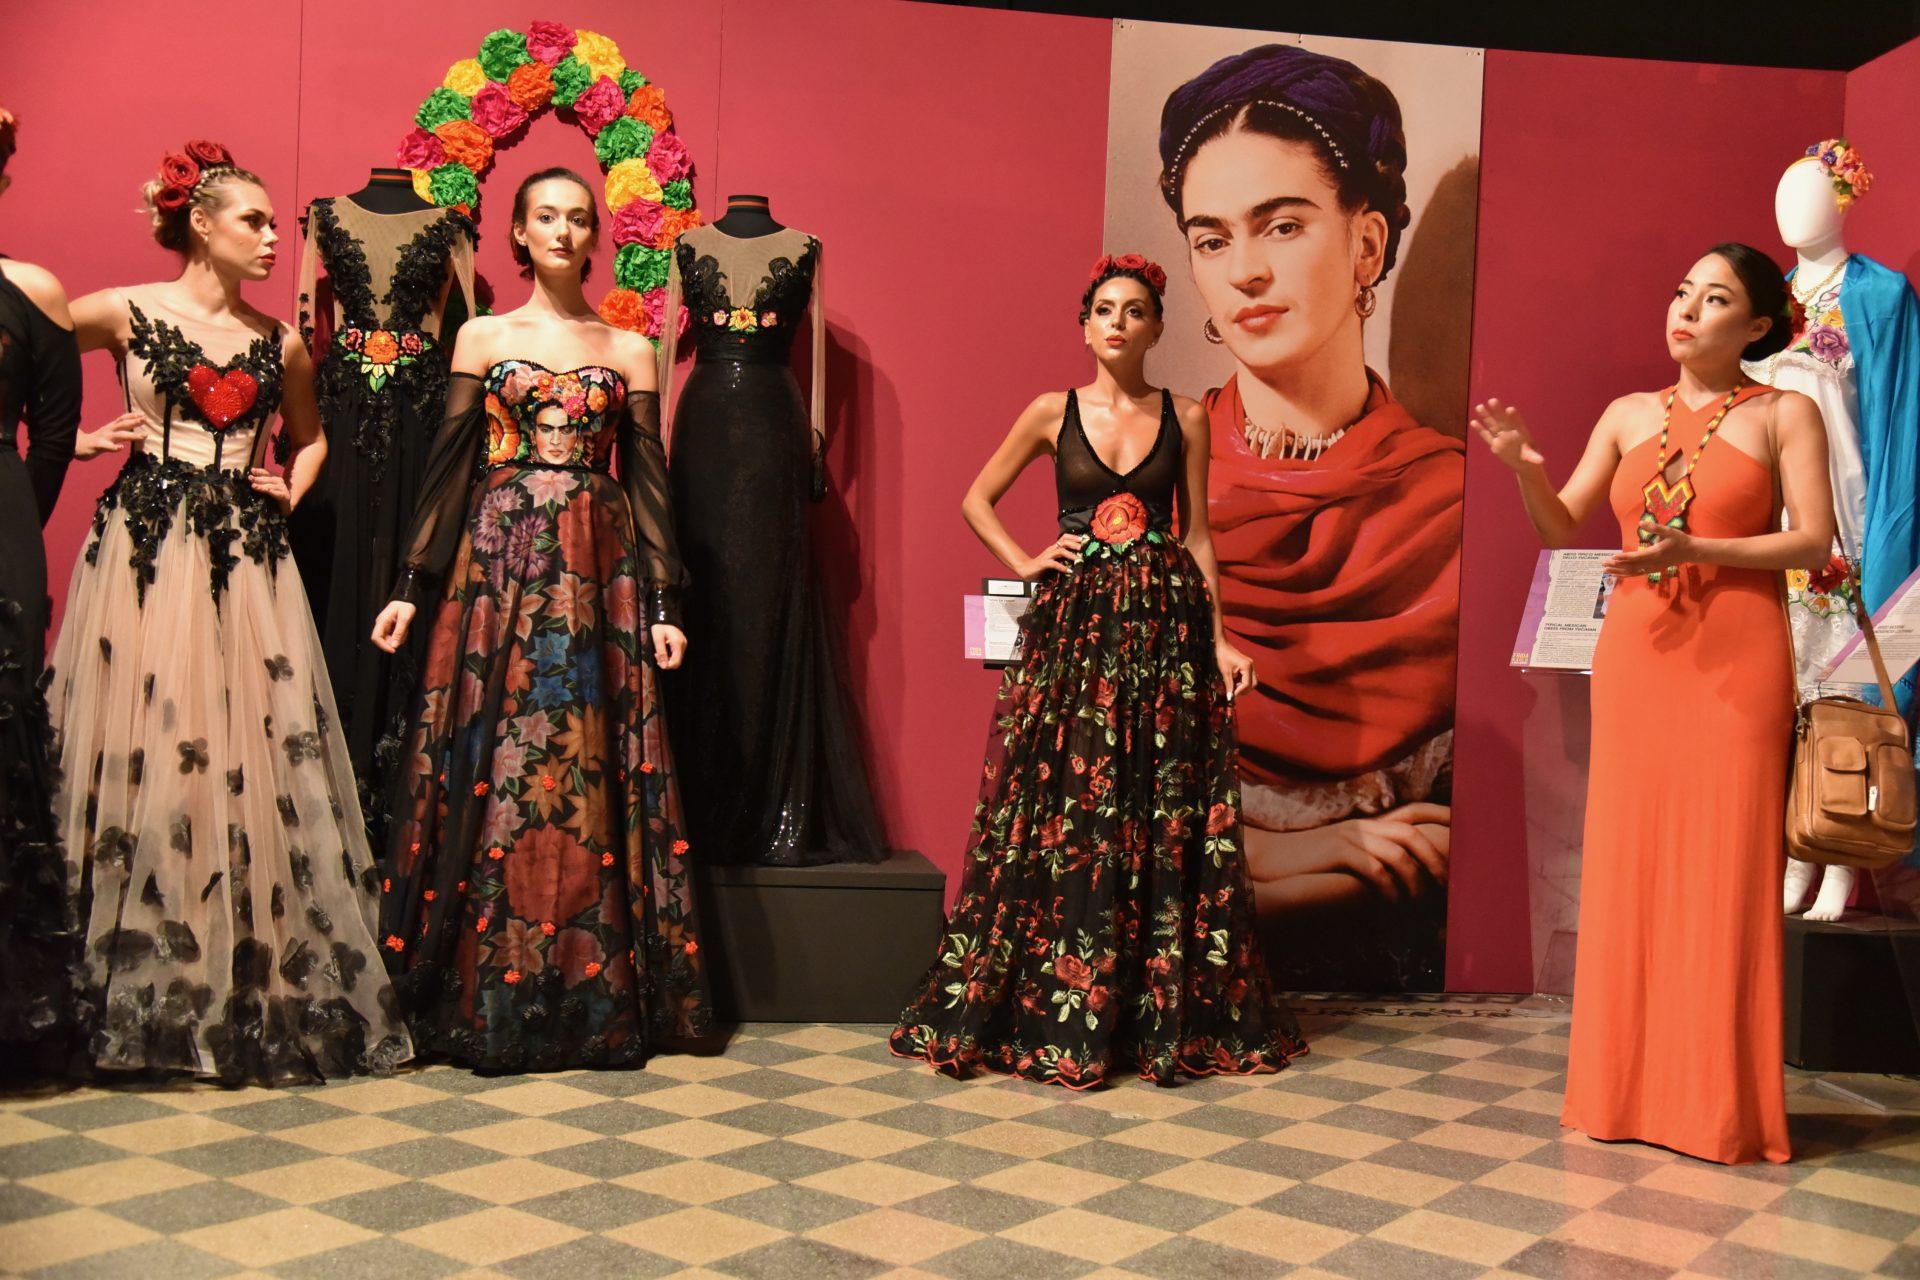 """Napoli, a Palazzo Fondi la mostra """"Frida Kahlo – Il caos dentro"""""""